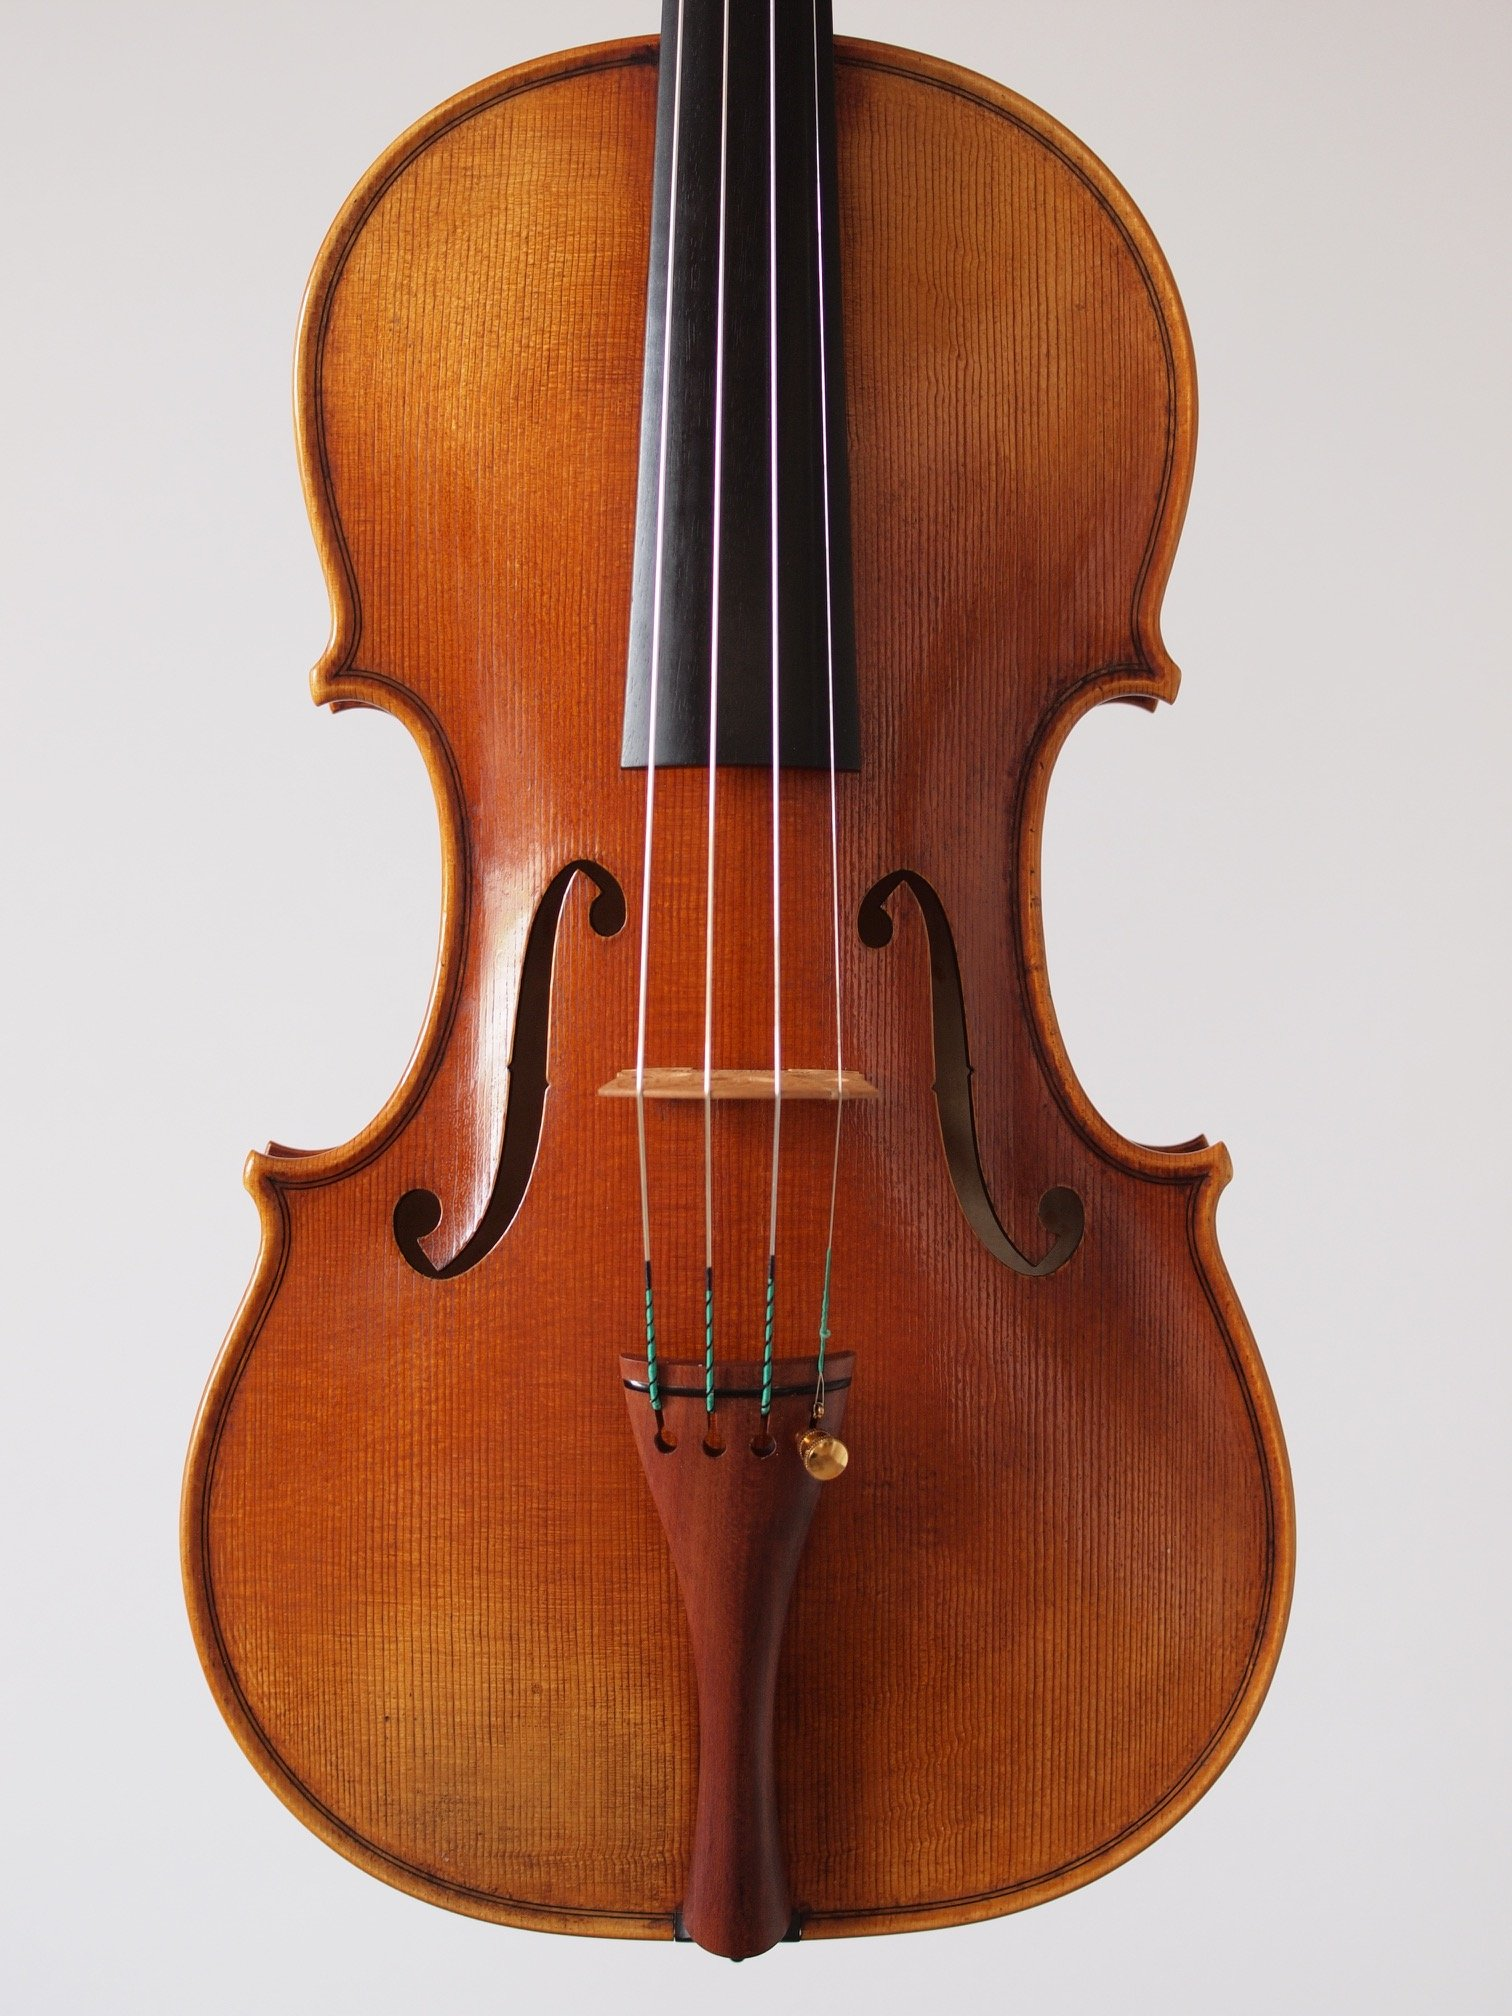 Violin based on the model of the 'Cannon' Guarneri del Gesu anno 1743 II